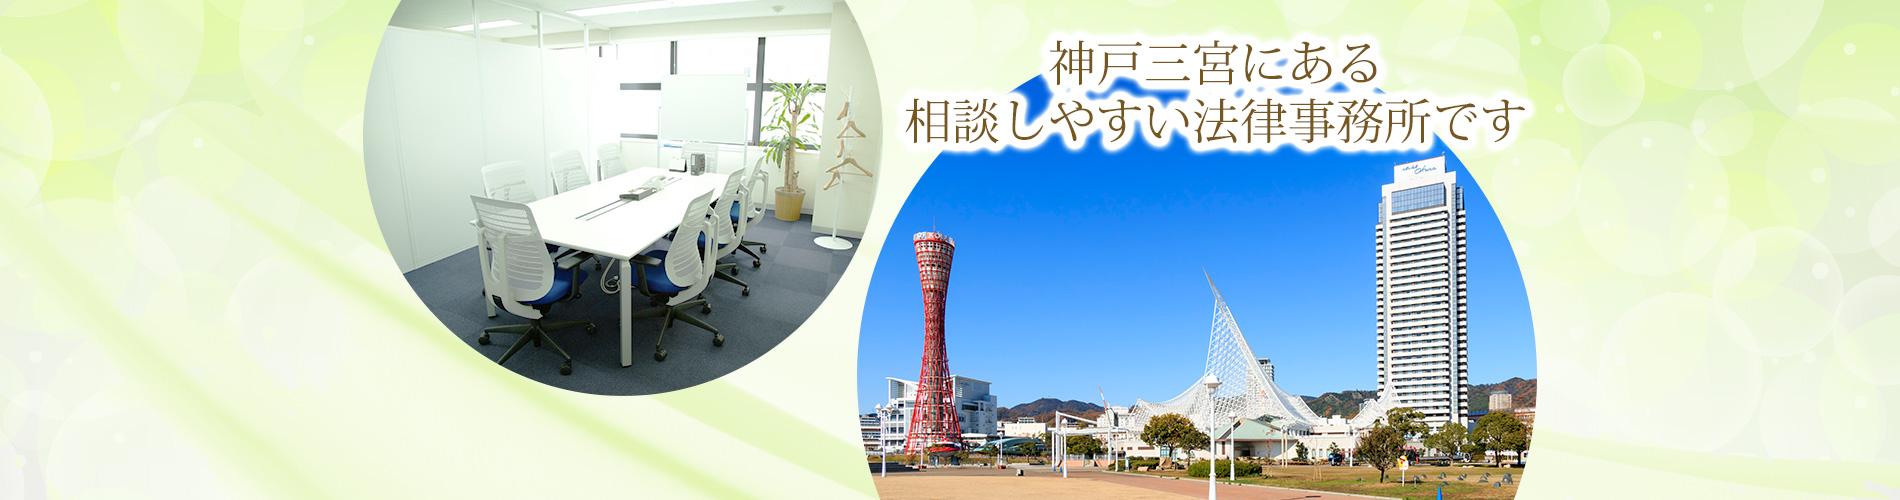 神戸に息づき、神戸と共に生きる、法律事務所。